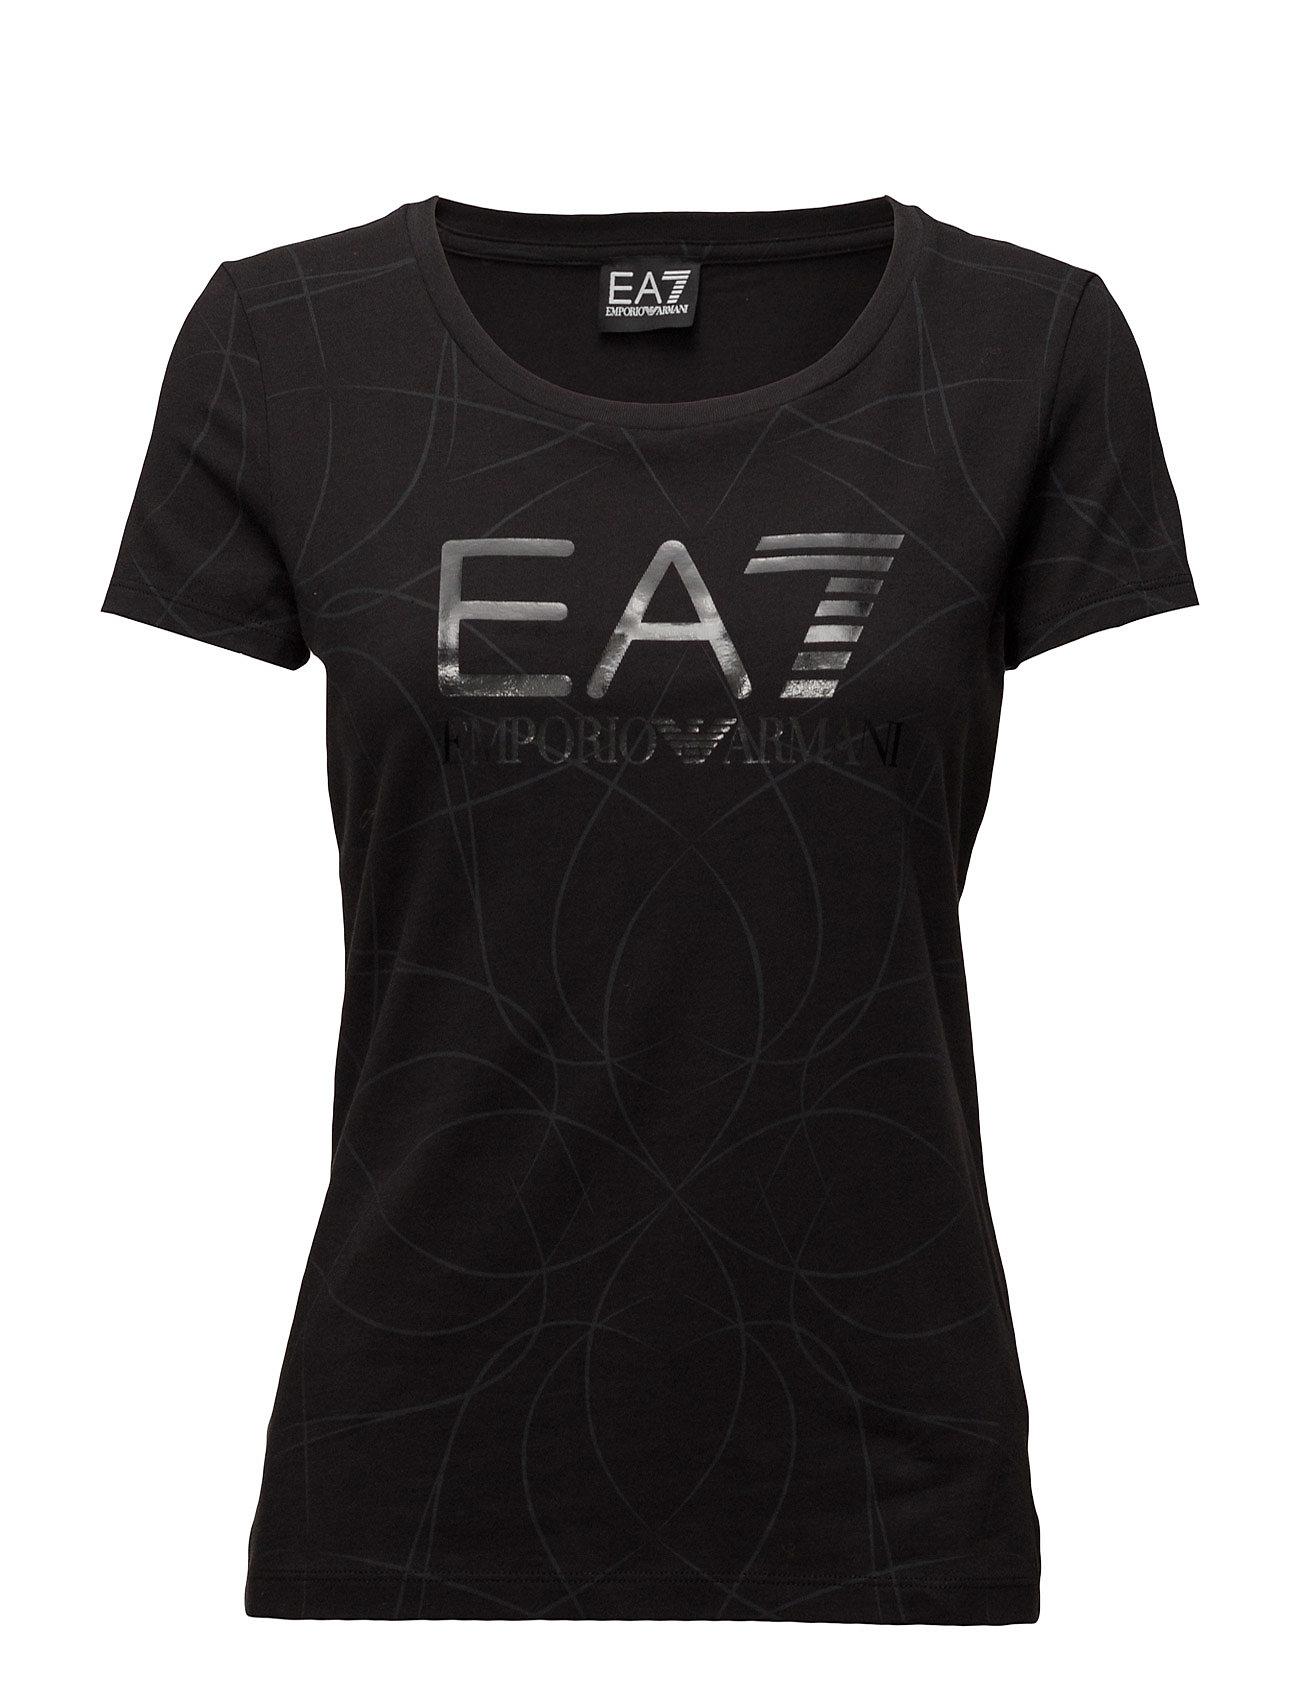 ea7 T-shirt på boozt.com dk